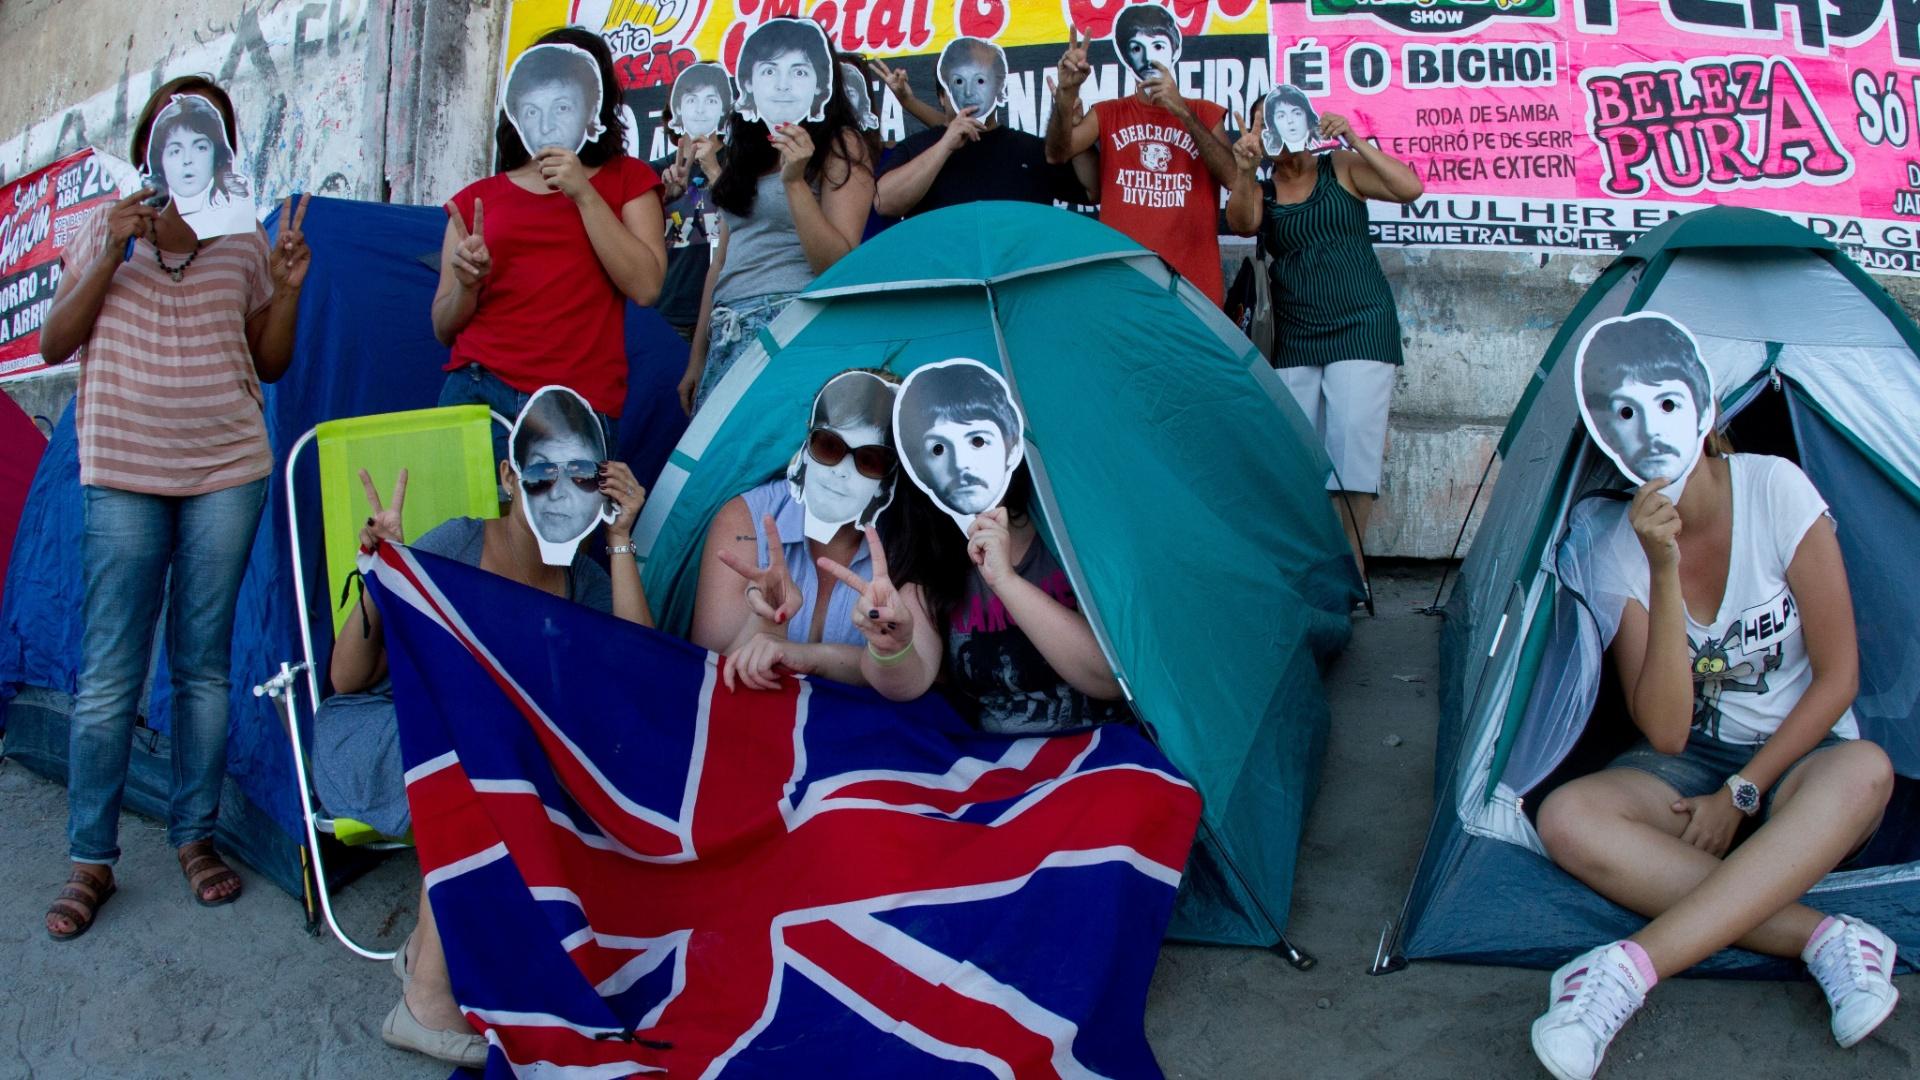 Público aguarda na fila para entrar no Estádio do Arruda, no Recife, onde Paul McCartney irá se apresentar neste fim de semana (21/4/12)